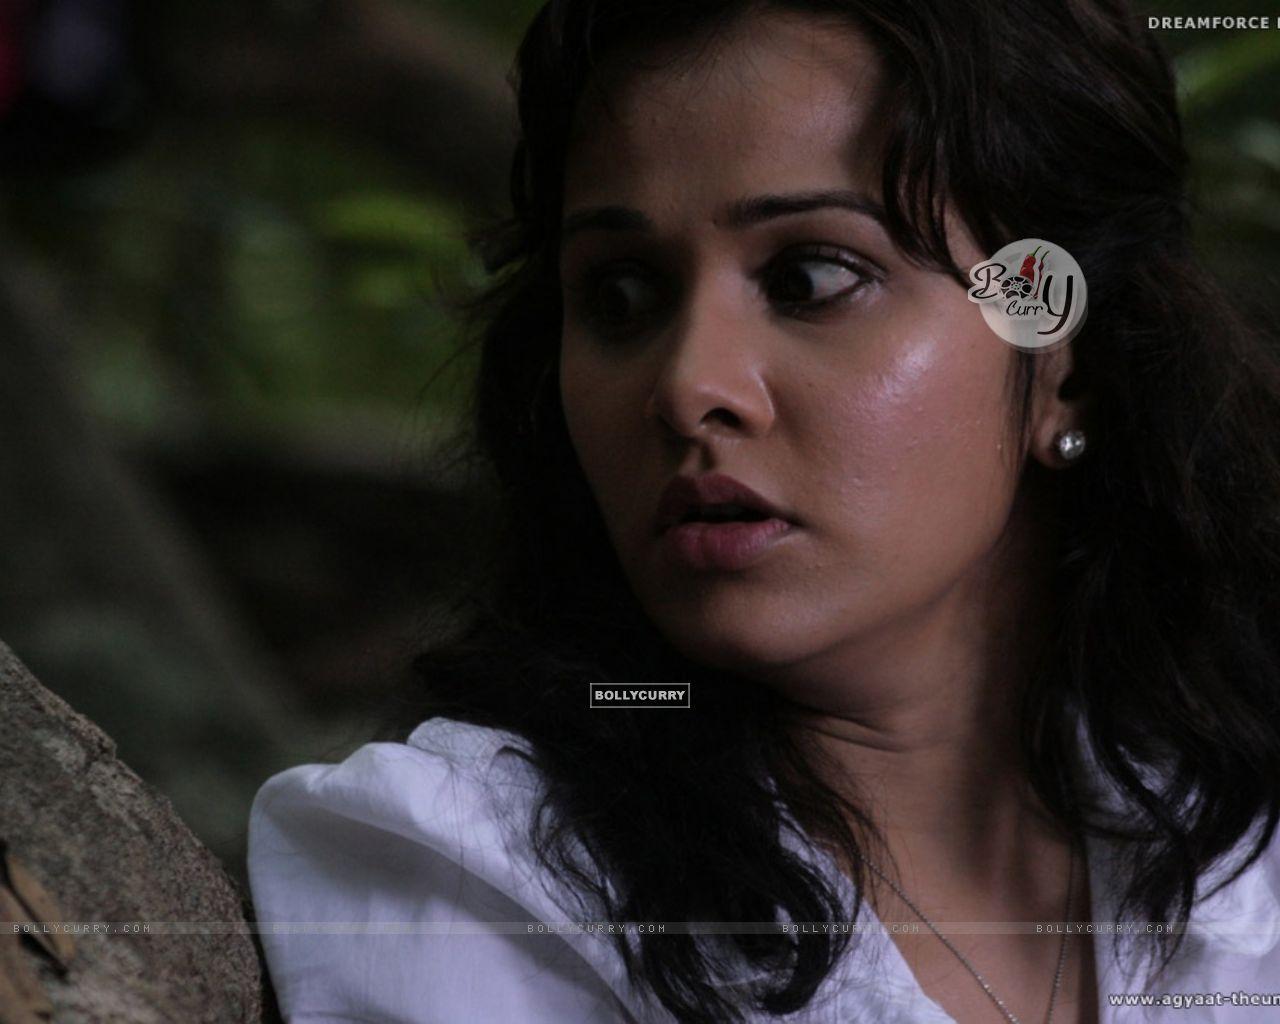 Nisha Kothari looking feared (20386) size:1280x1024